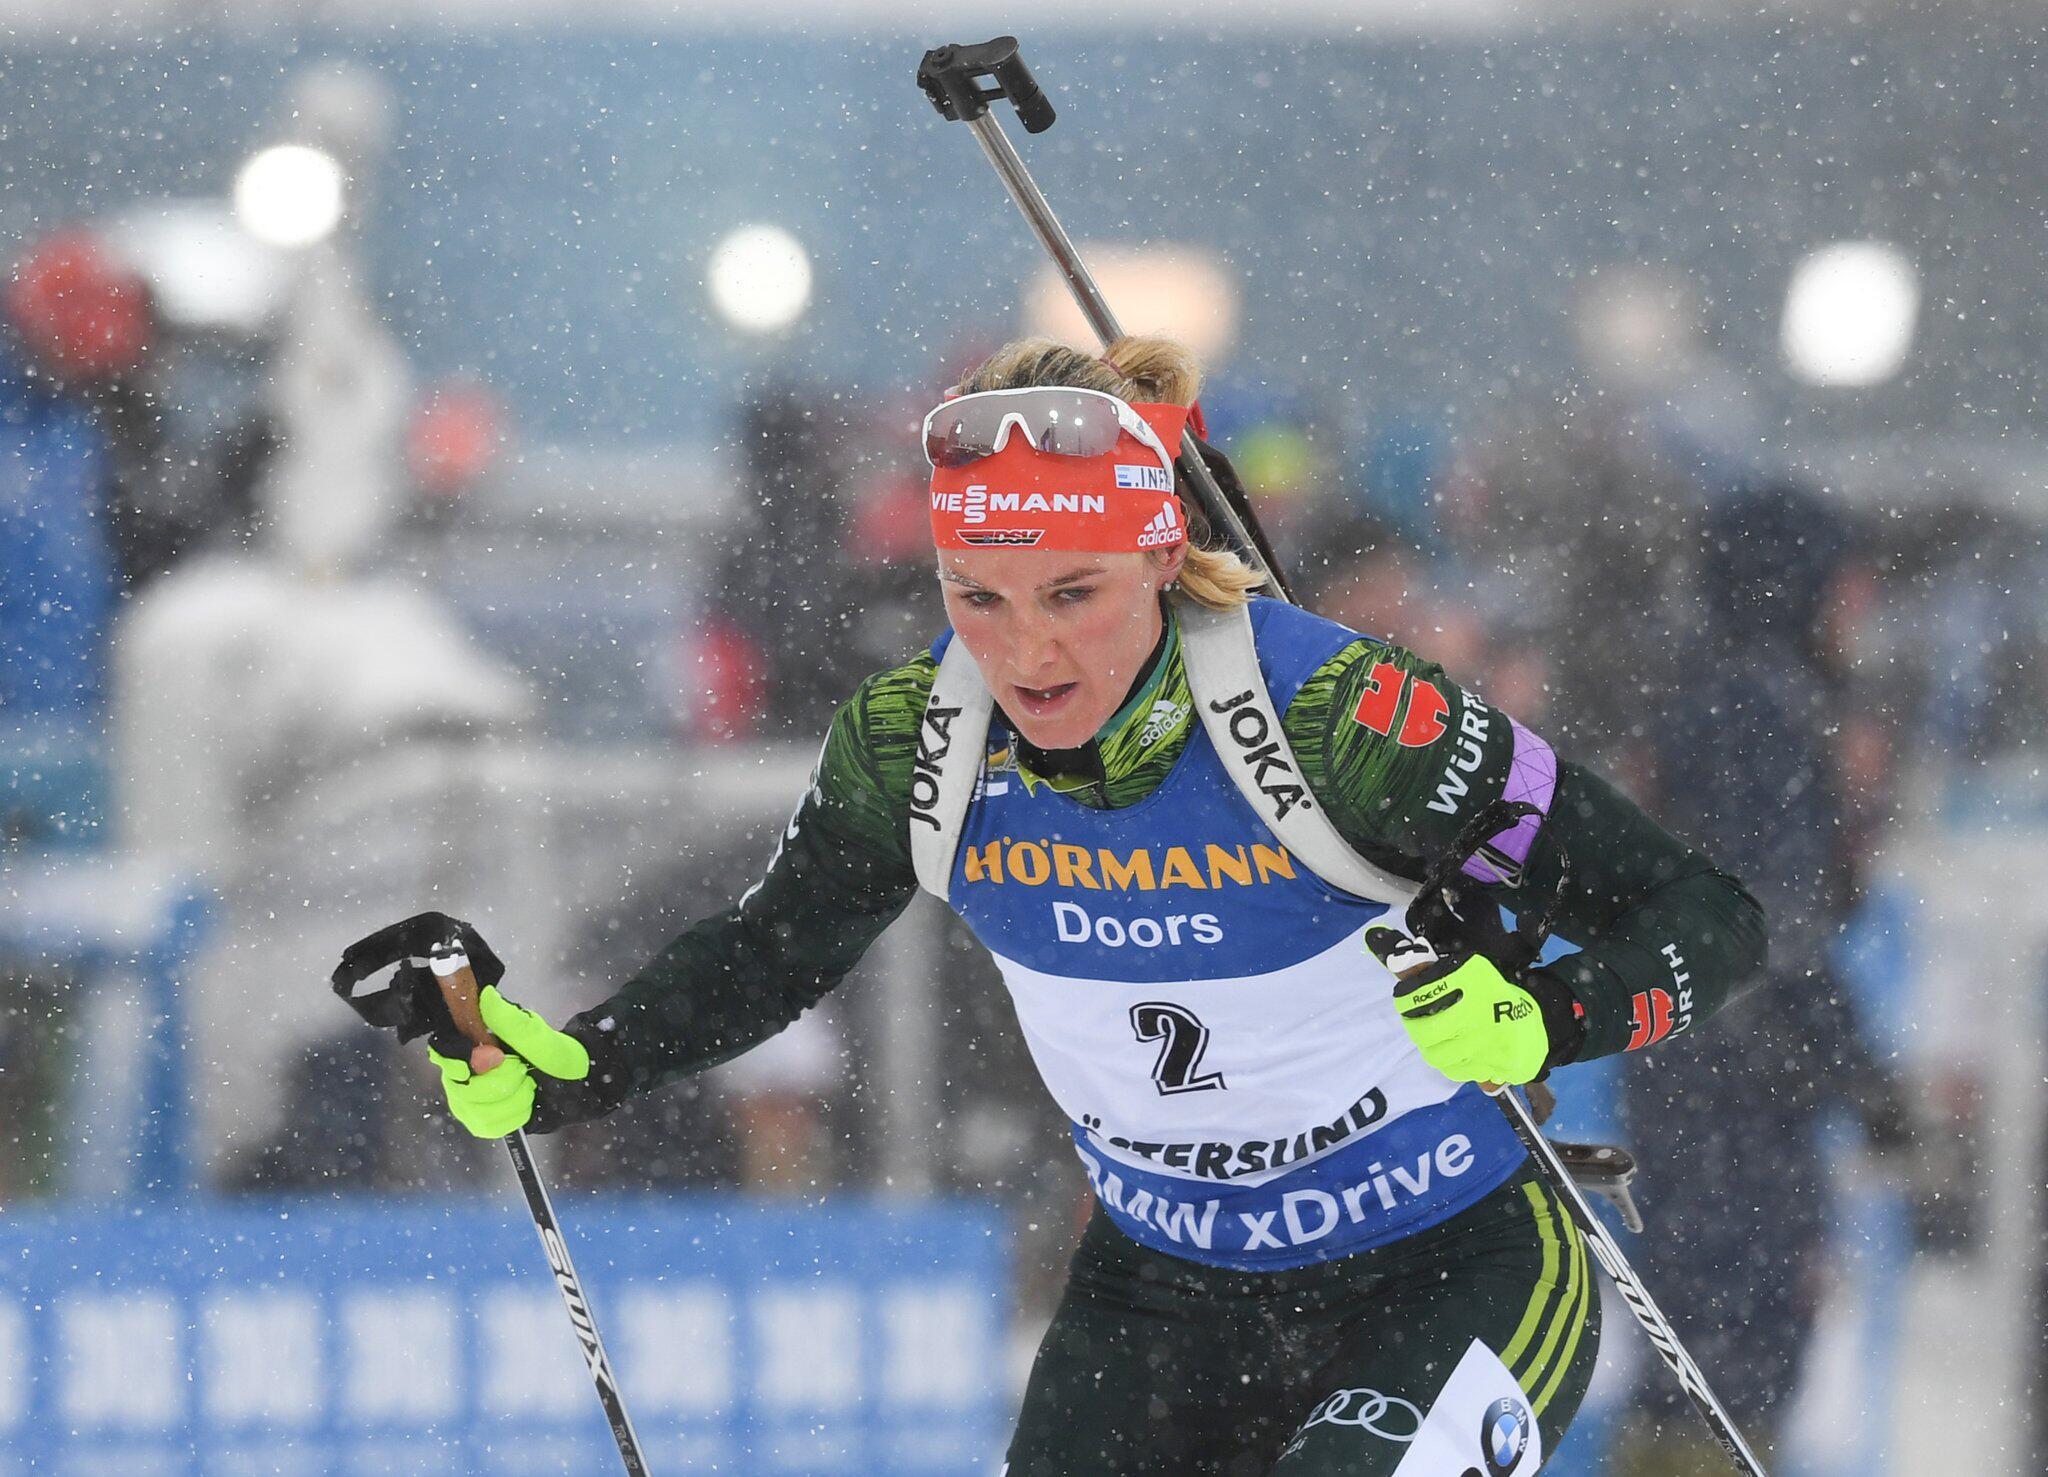 Bild zu Biathlon-WM, Denise Herrmann